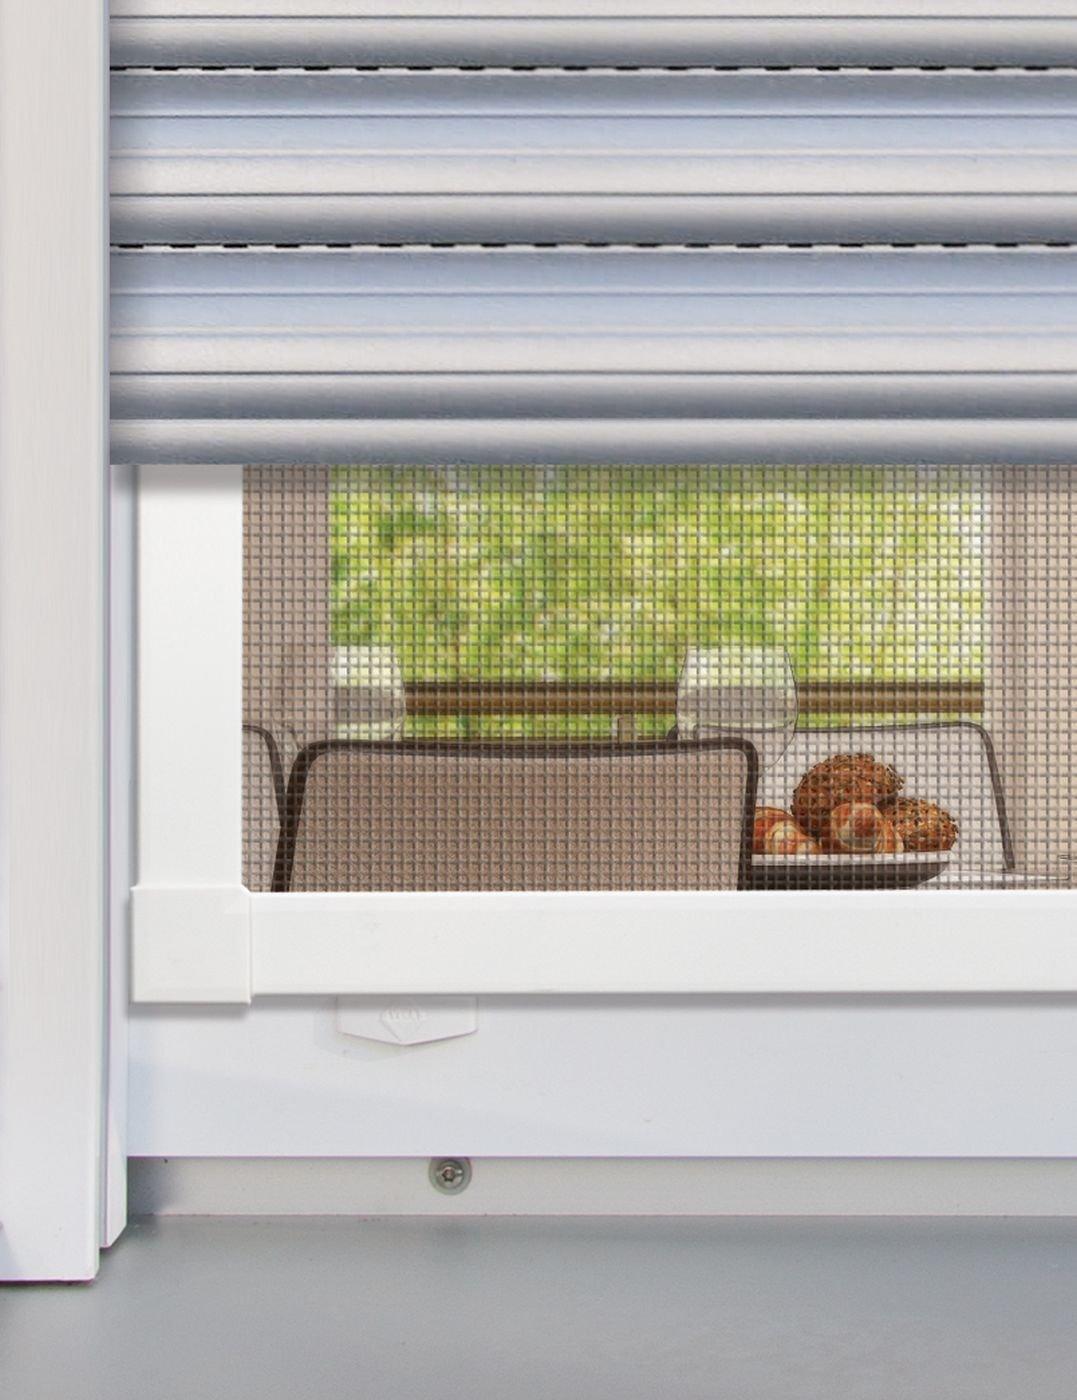 Fliegengitter mit Rahmen aus Aluminium 100 x 120 cm Schellenberg 70041 Insektenschutz Fenster Premium